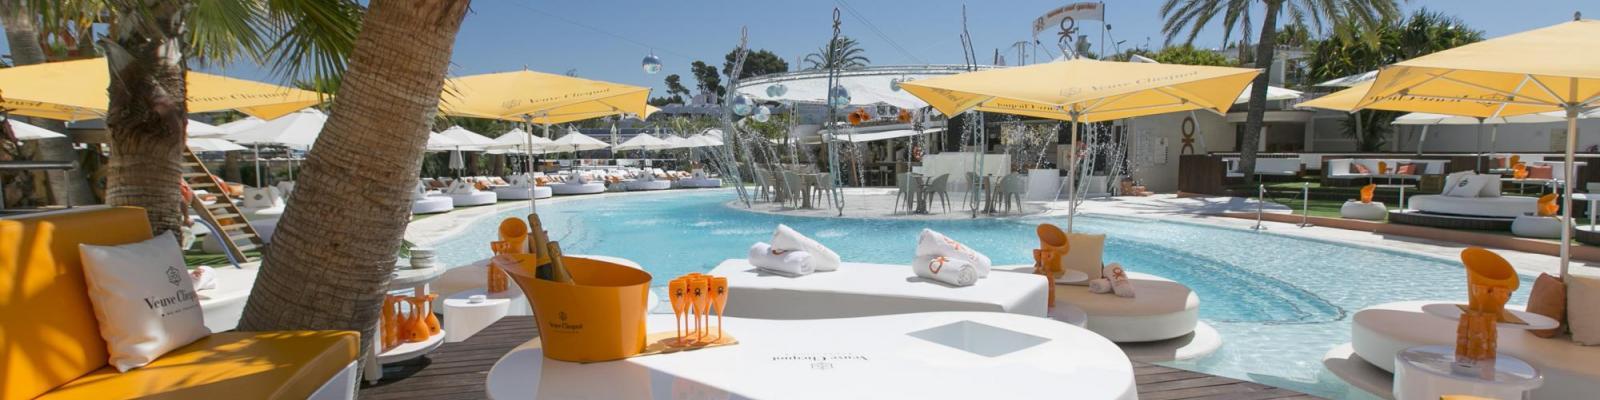 May 2017 Deal - Ibiza's Holidays